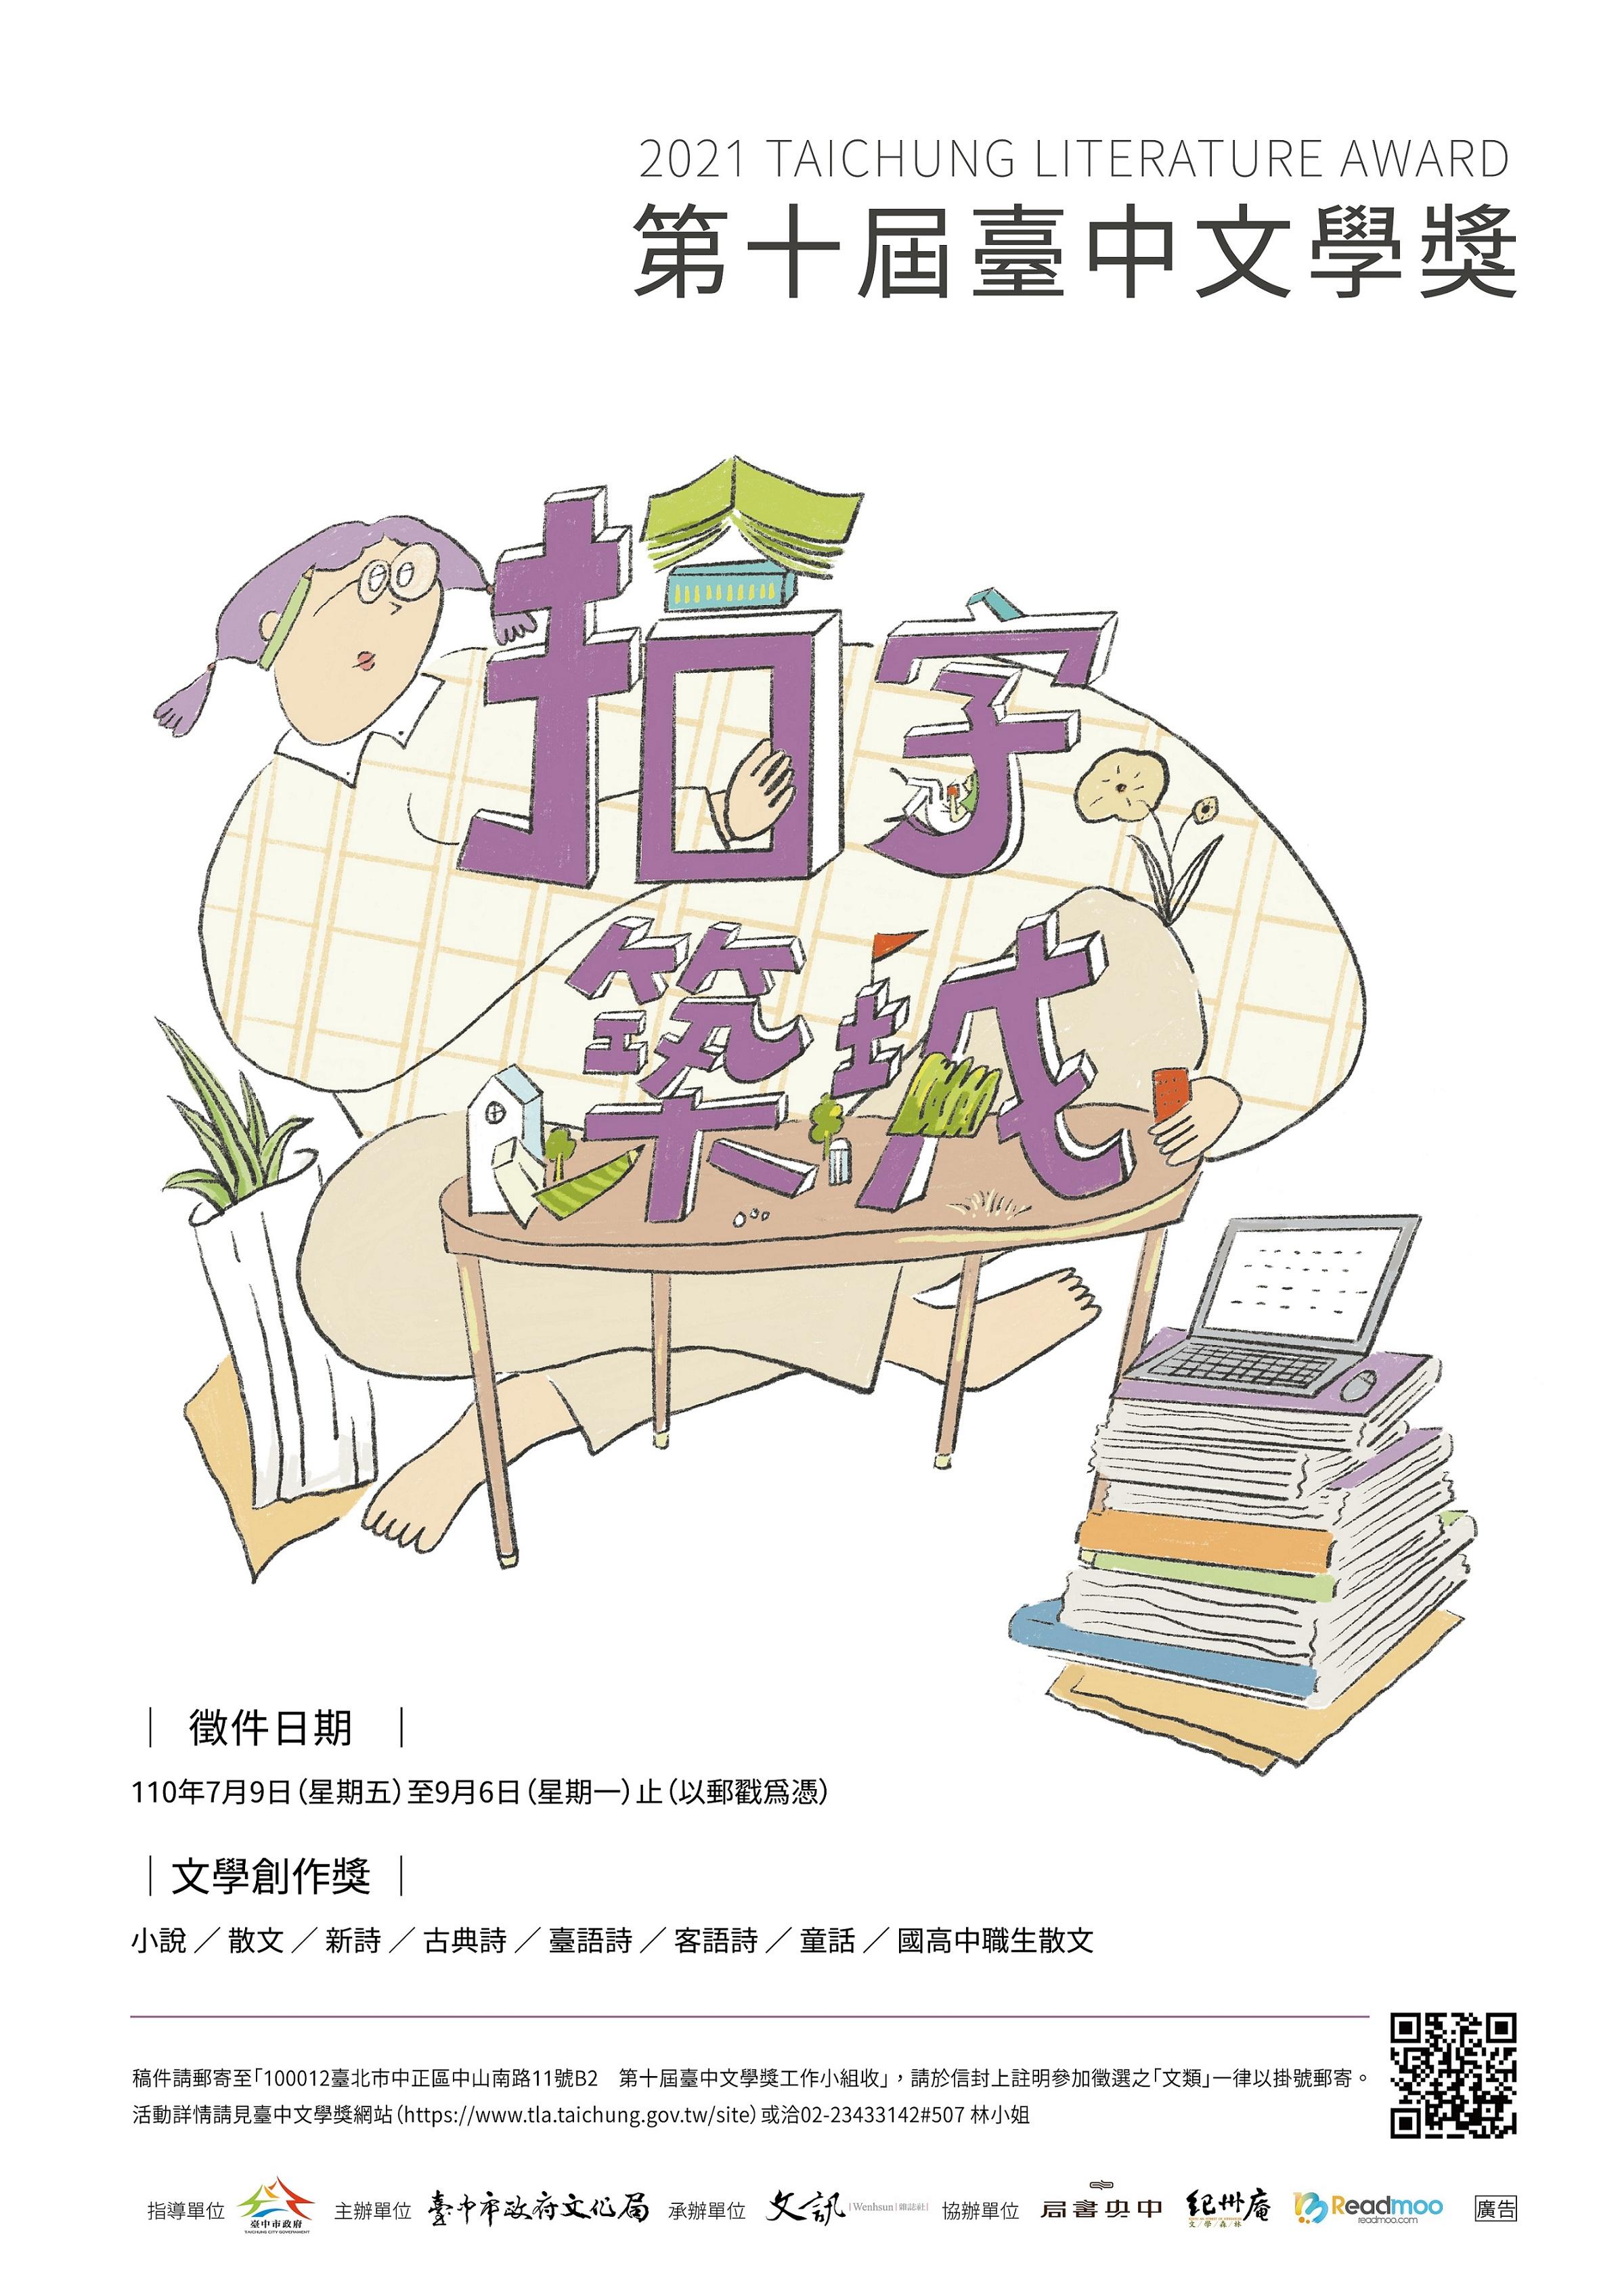 第十屆臺中文學獎7月9日至9月6日期間公開收件